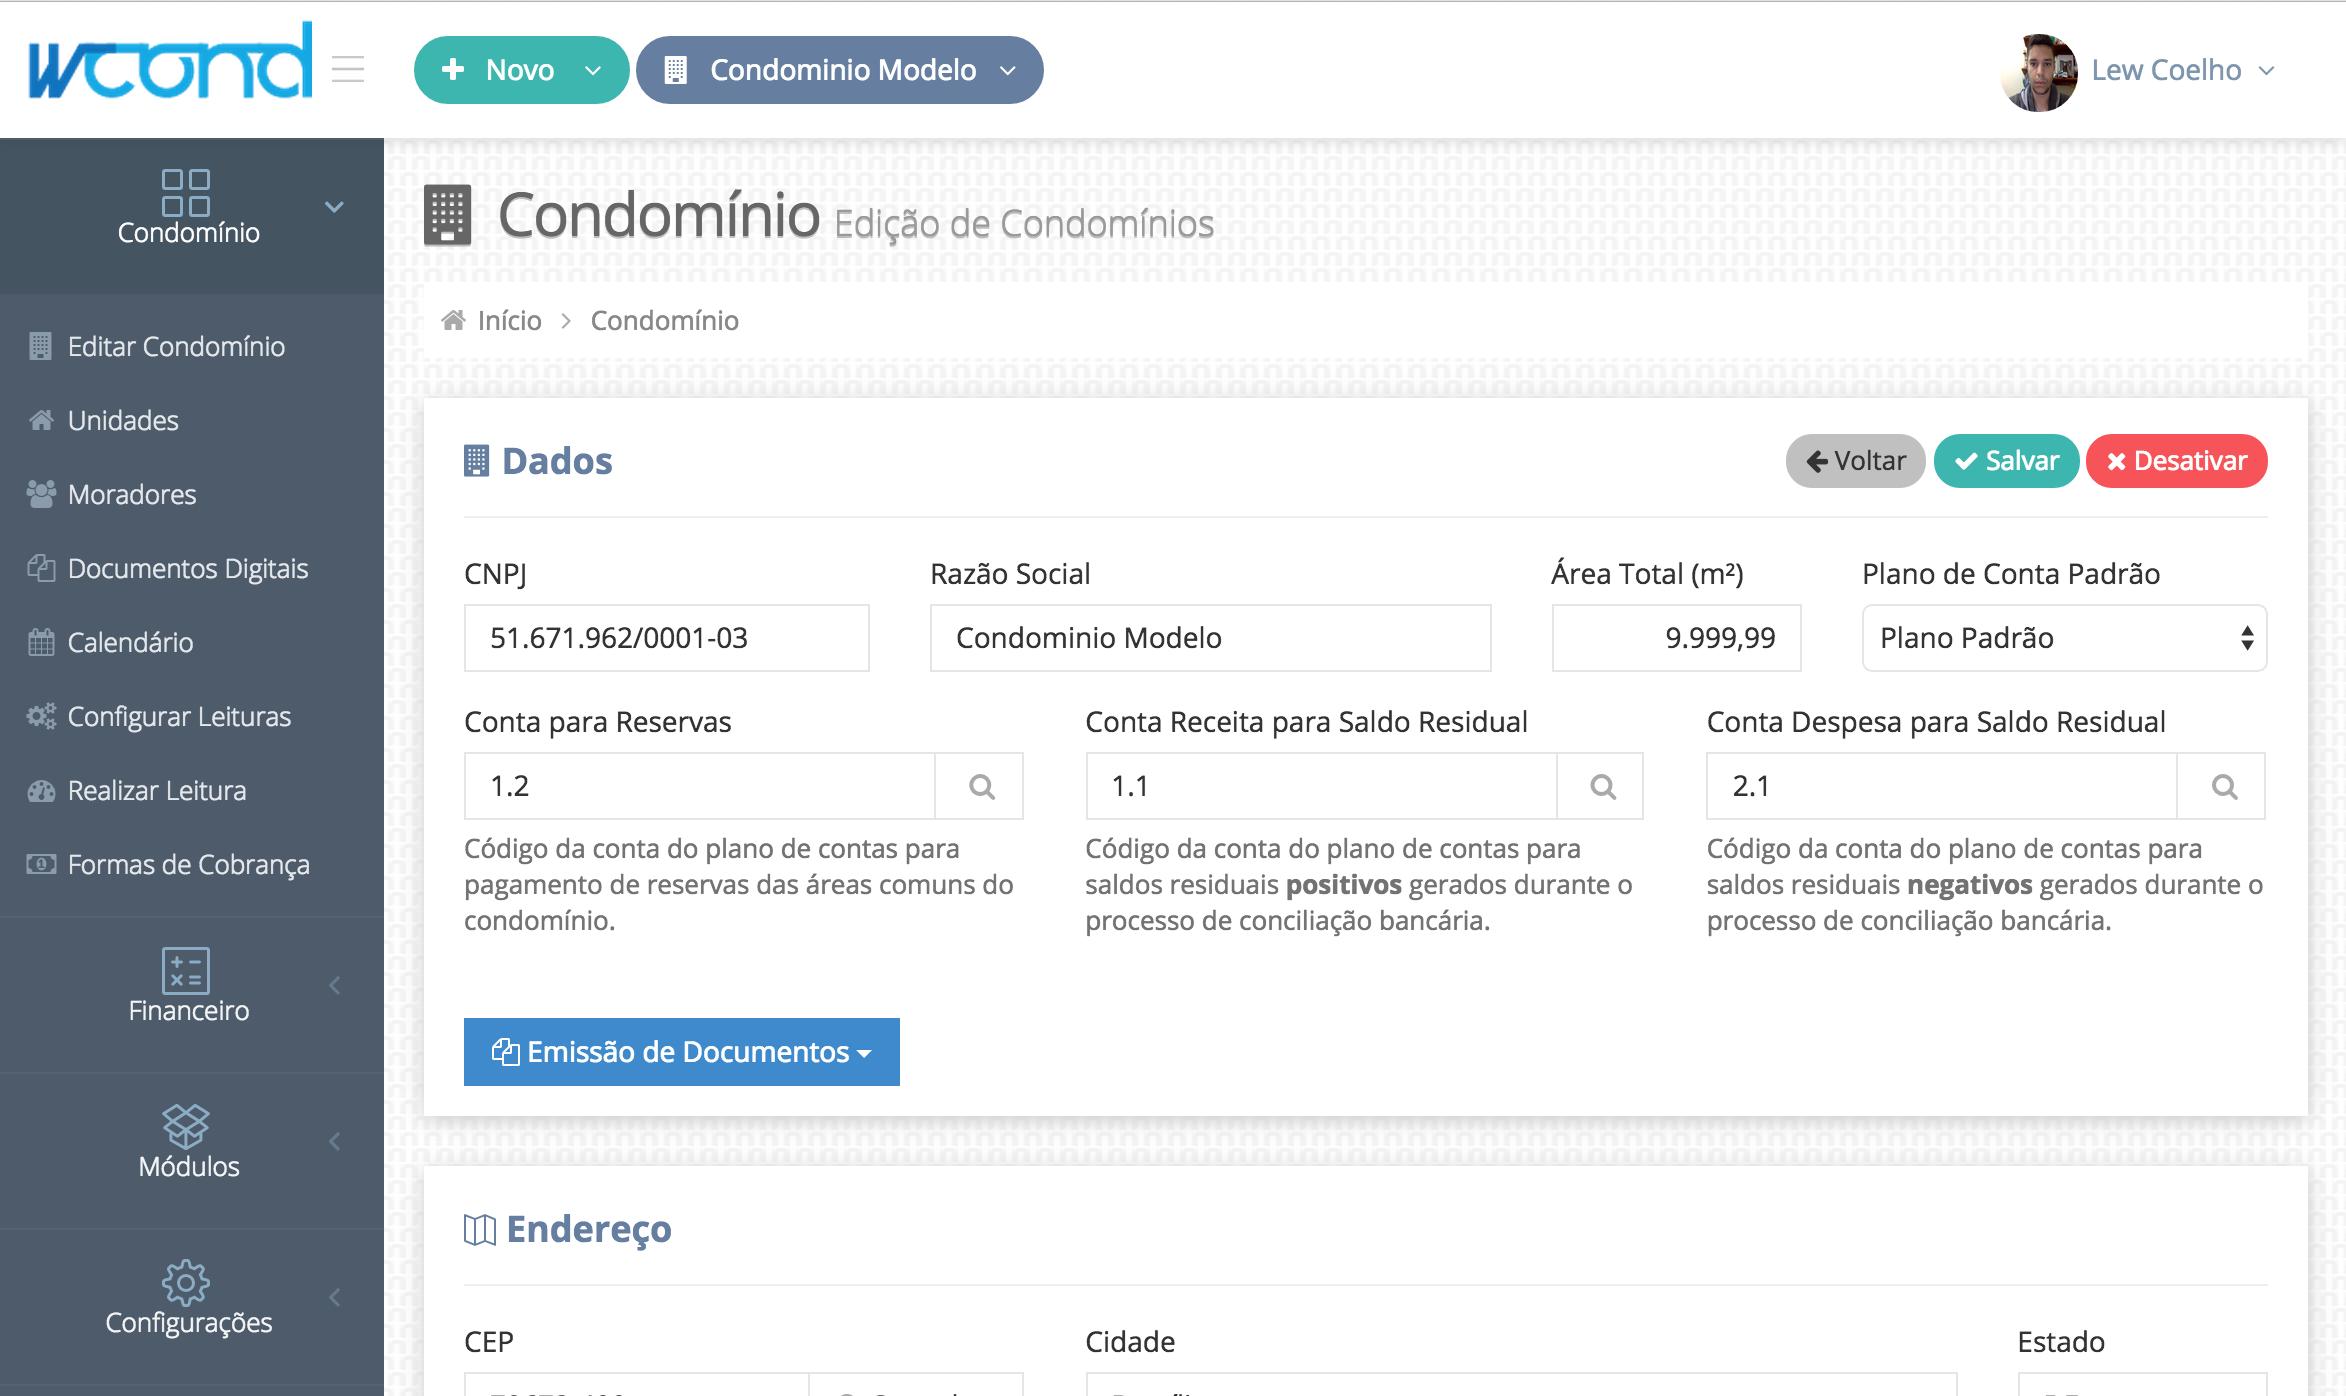 Wcond Software Para Gest 227 O De Condom 237 Nio Download